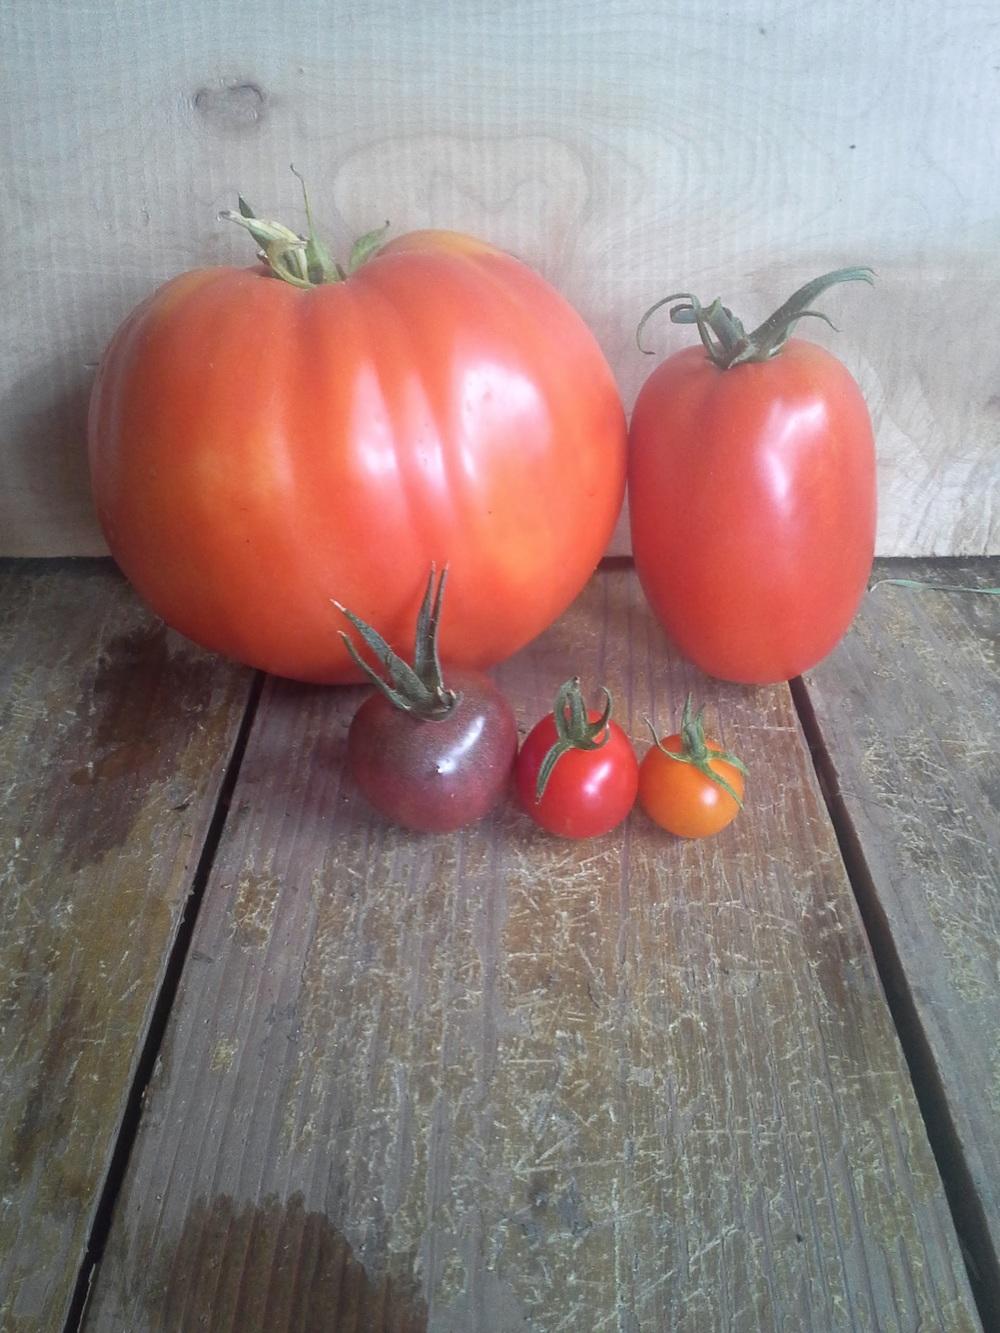 The Tomato Family